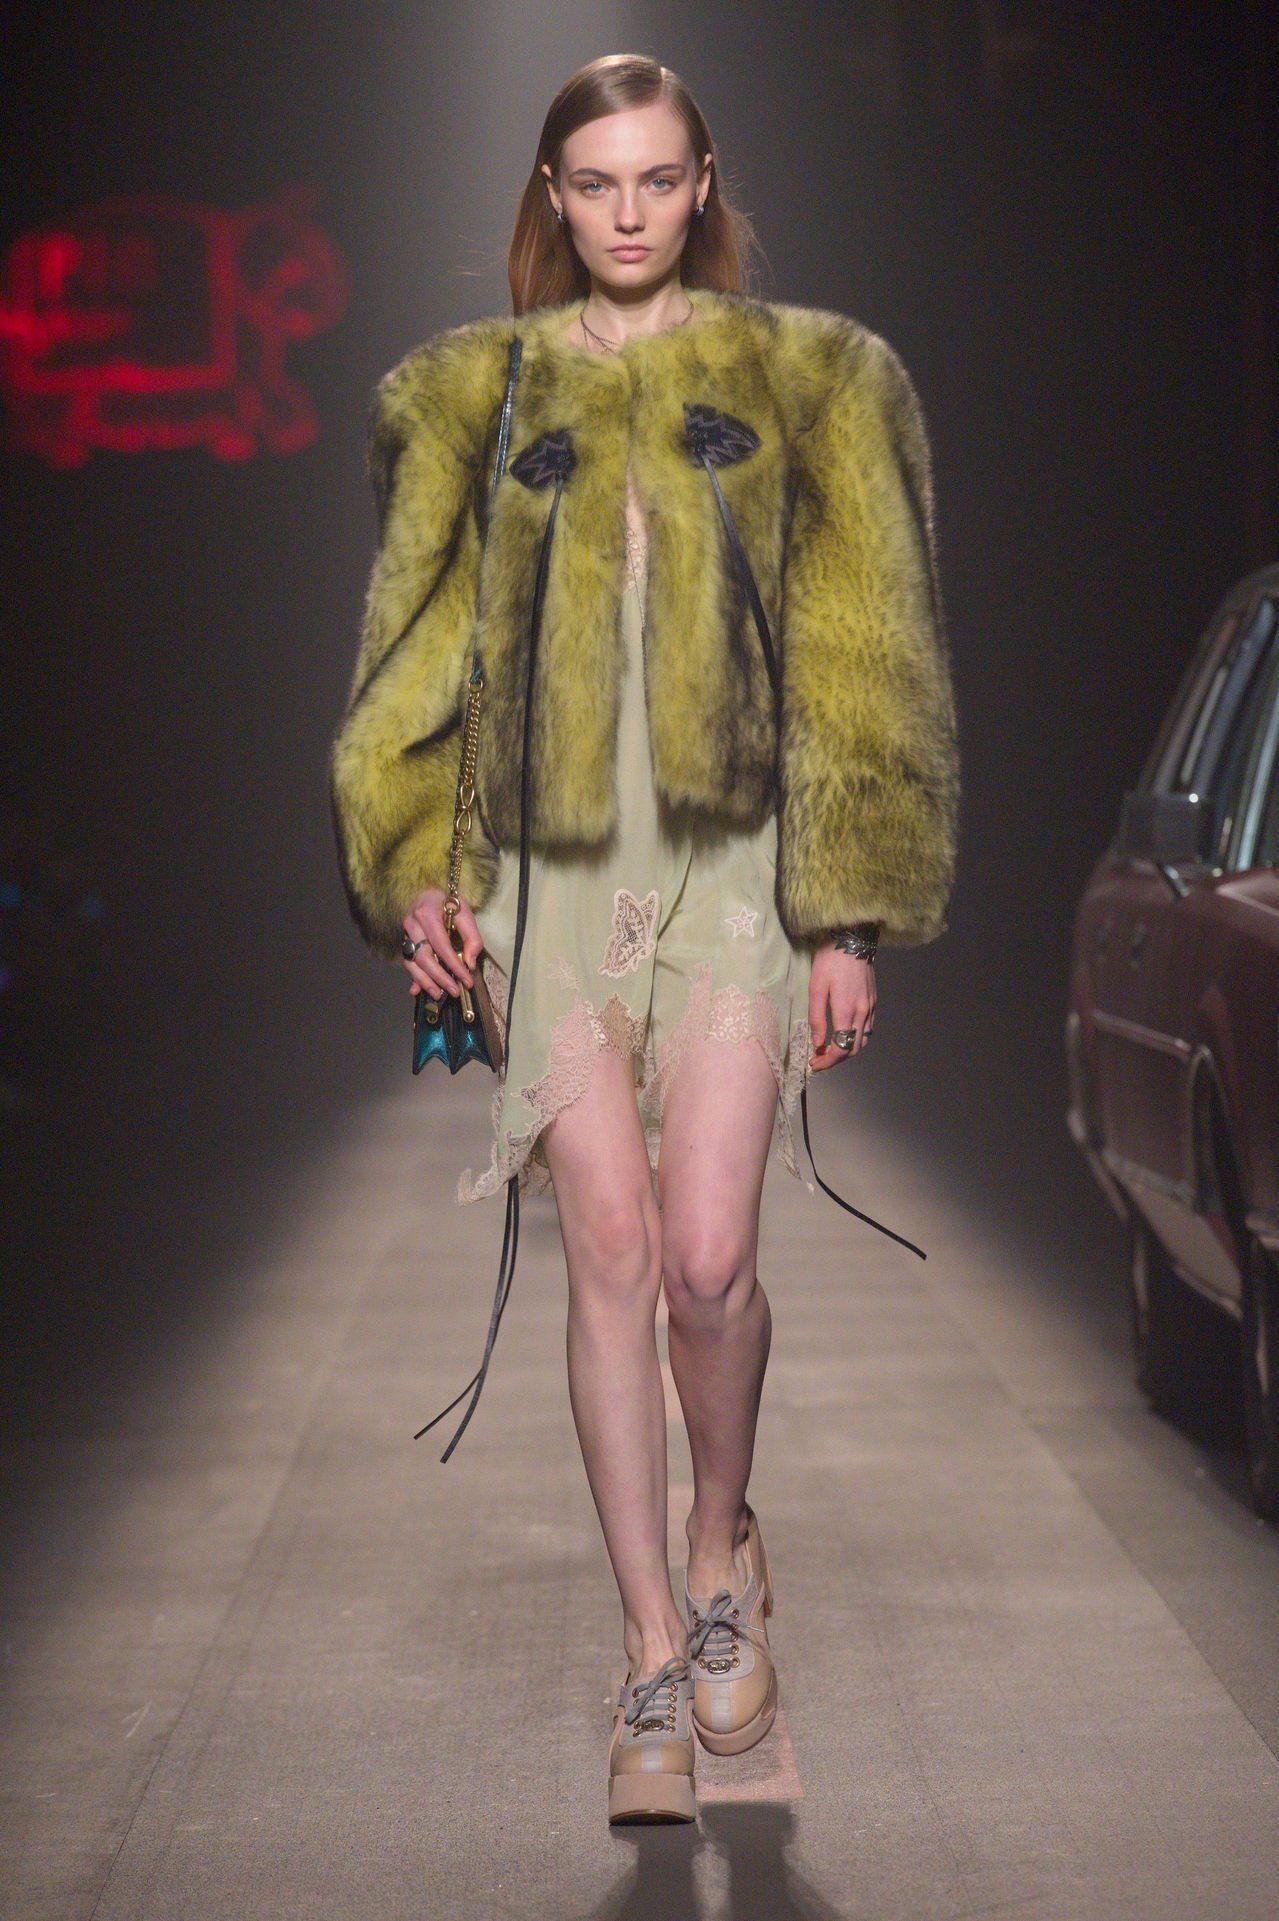 如雲朵般豐厚的Shearling外套和性感的紗裙都是COACH特色。圖/COAC...